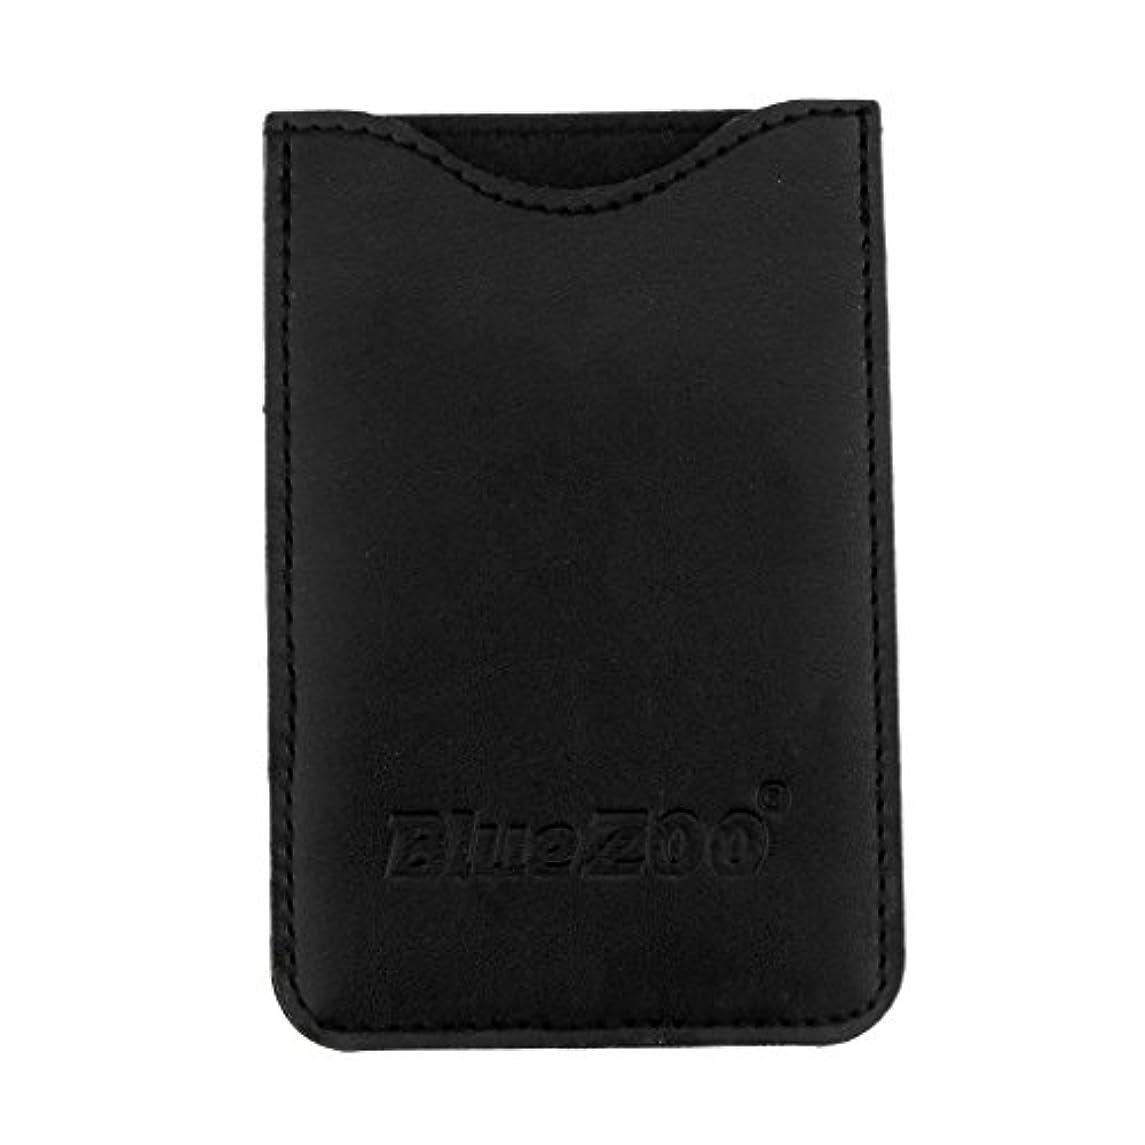 即席タックコンパスToygogo PUレザー ポケット コームバッグ 櫛バッグ 収納パック 保護カバー 柔らかい 全2色 - ブラック